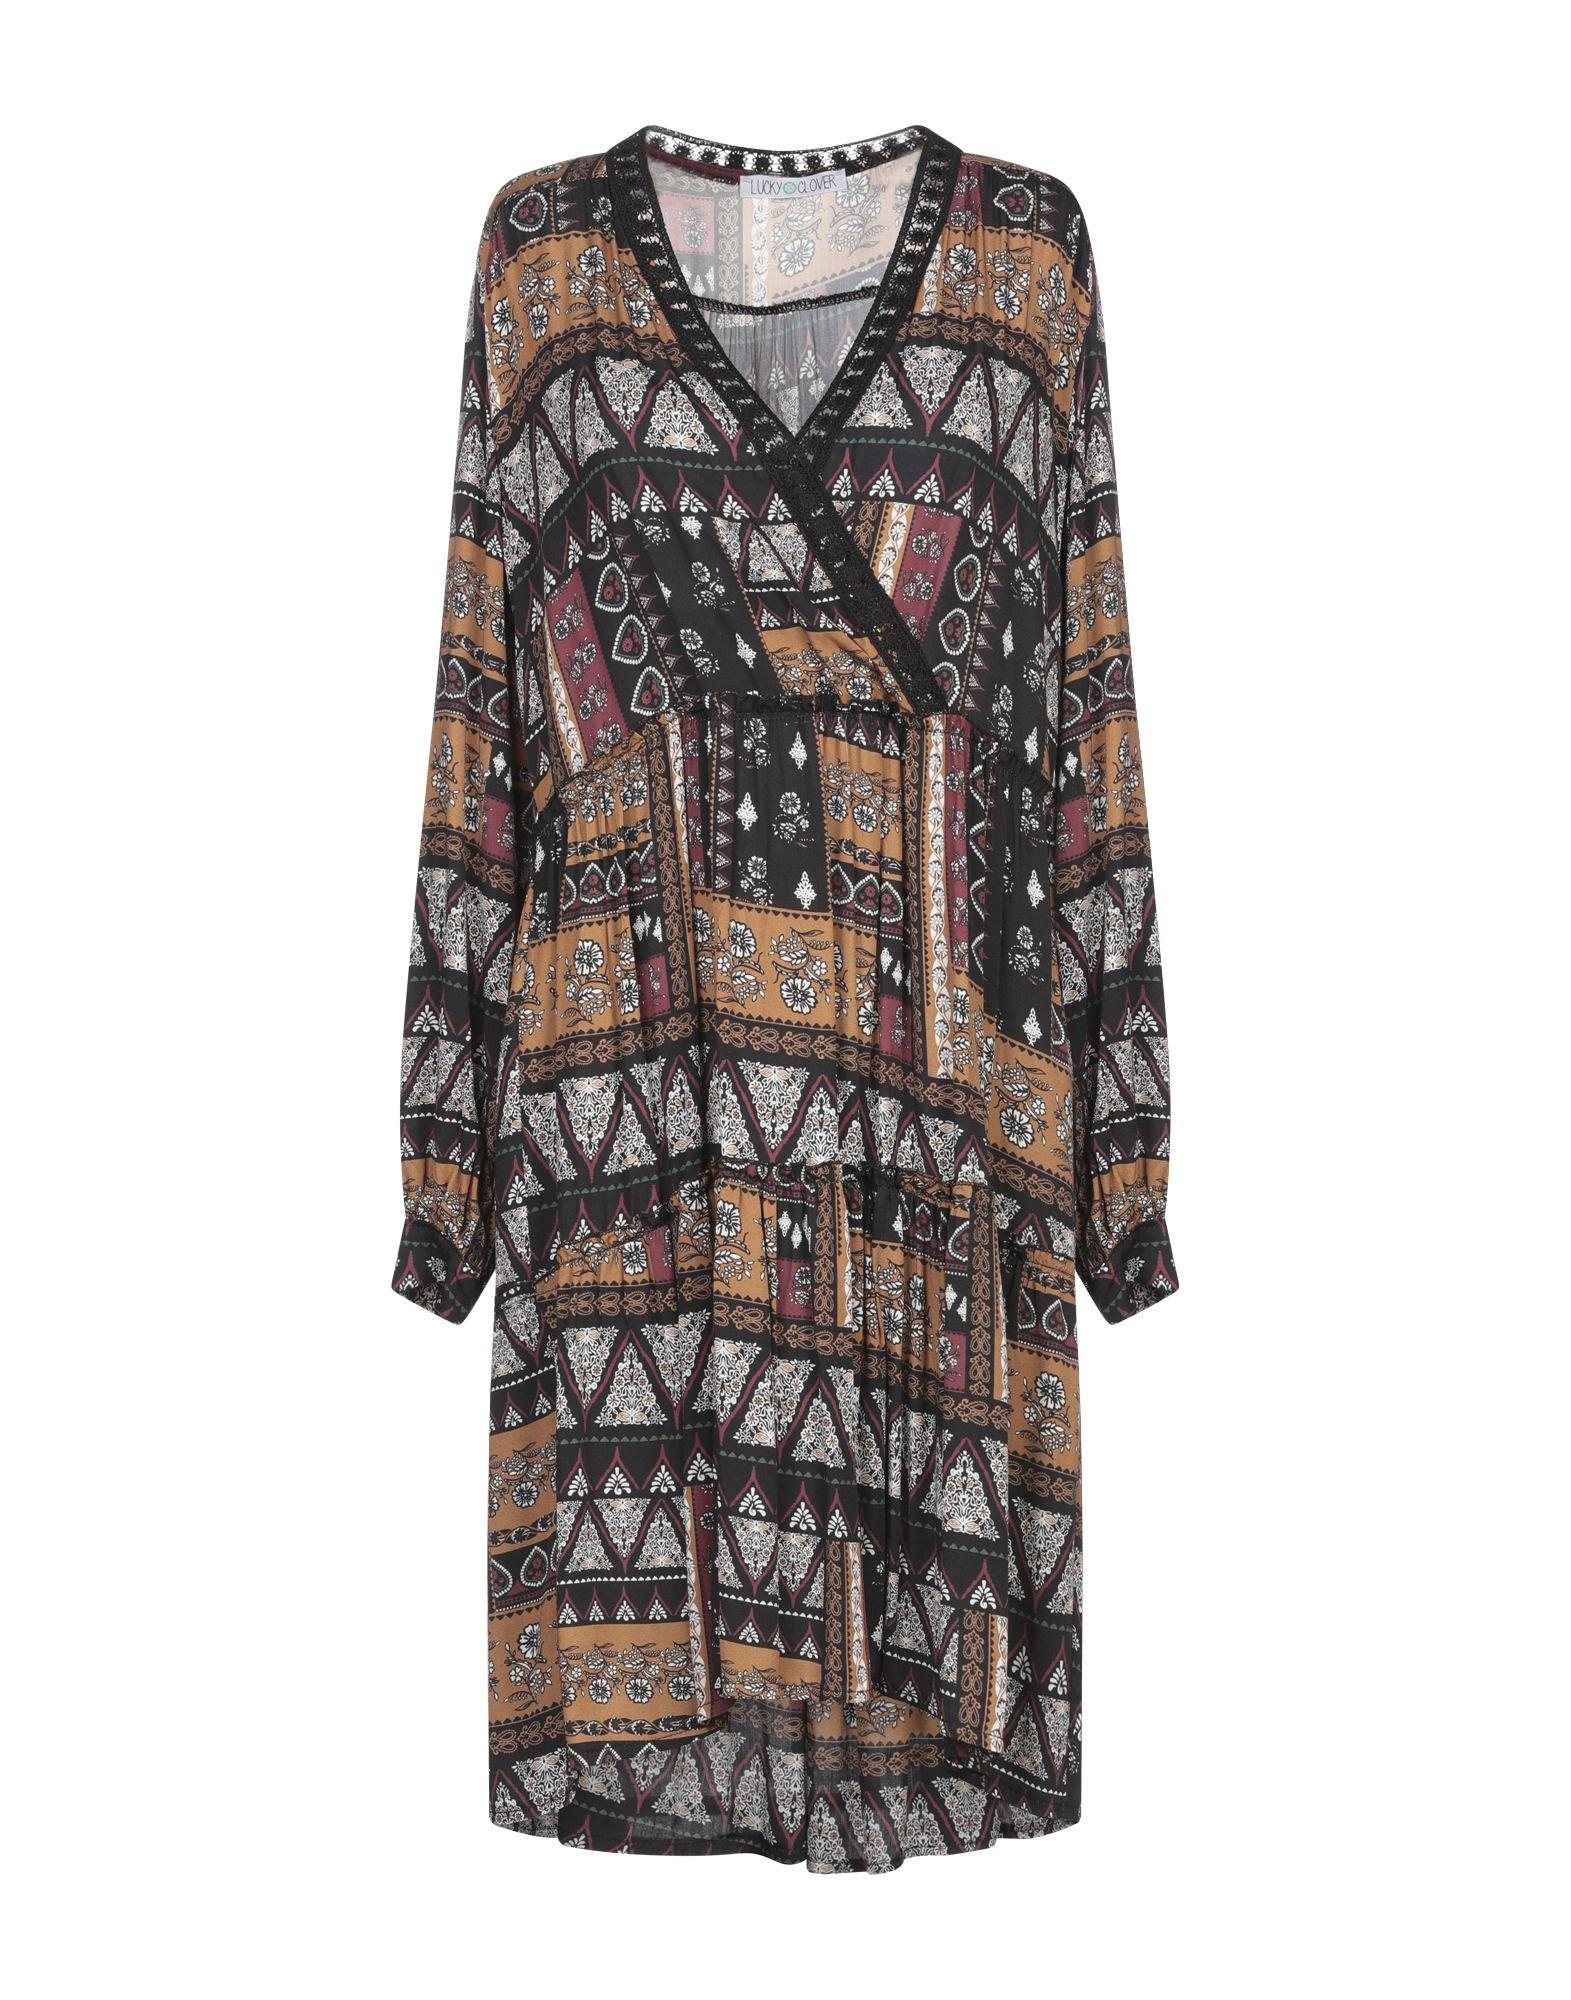 《期間限定セール中》LUCKY CLOVER レディース ミニワンピース&ドレス キャメル M レーヨン 100%